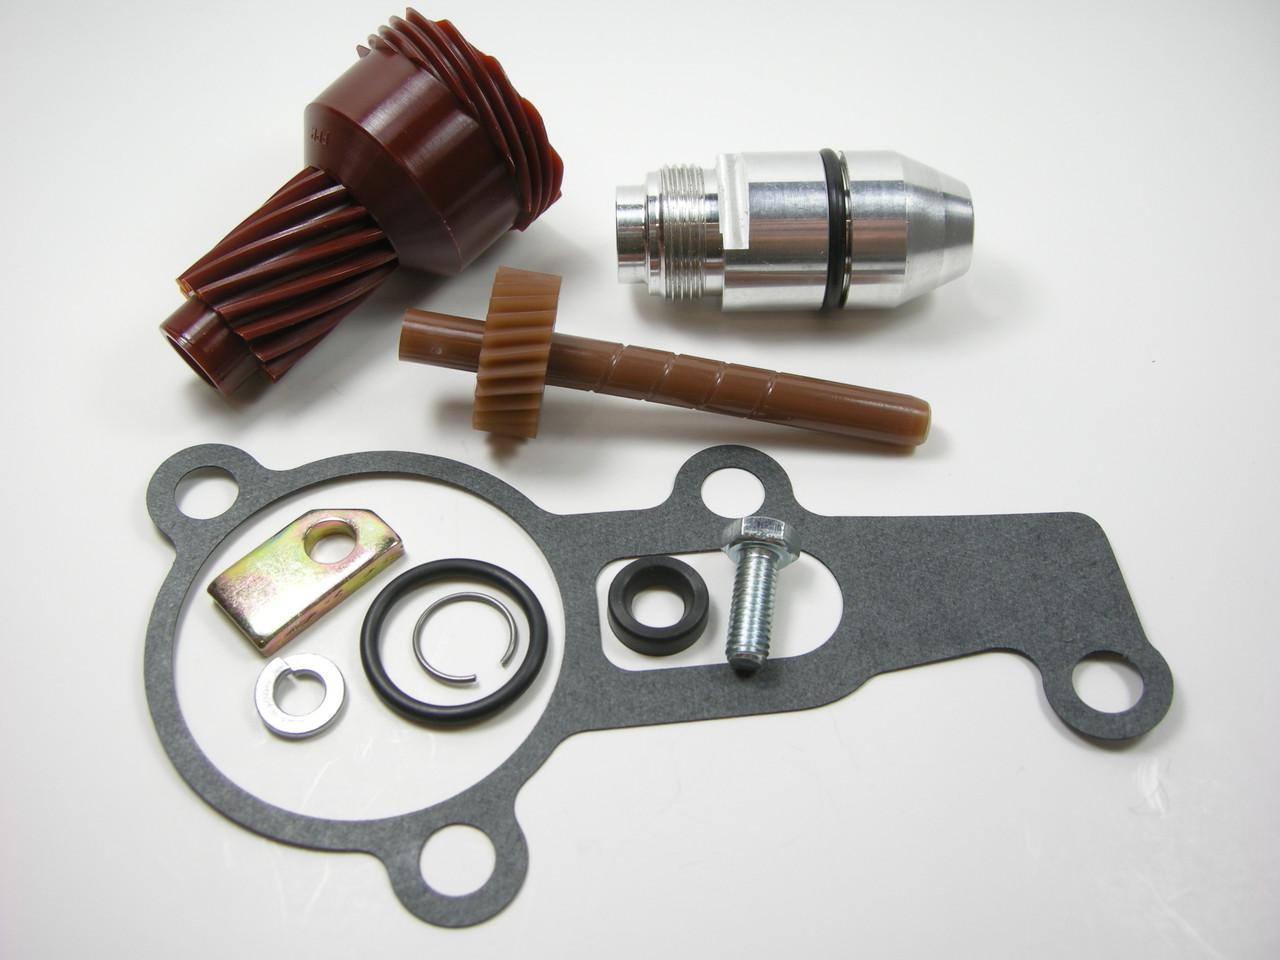 12 & 26 Tooth 2004R Complete Speedometer Kit w/ Gasket Gears Housing 200-4R